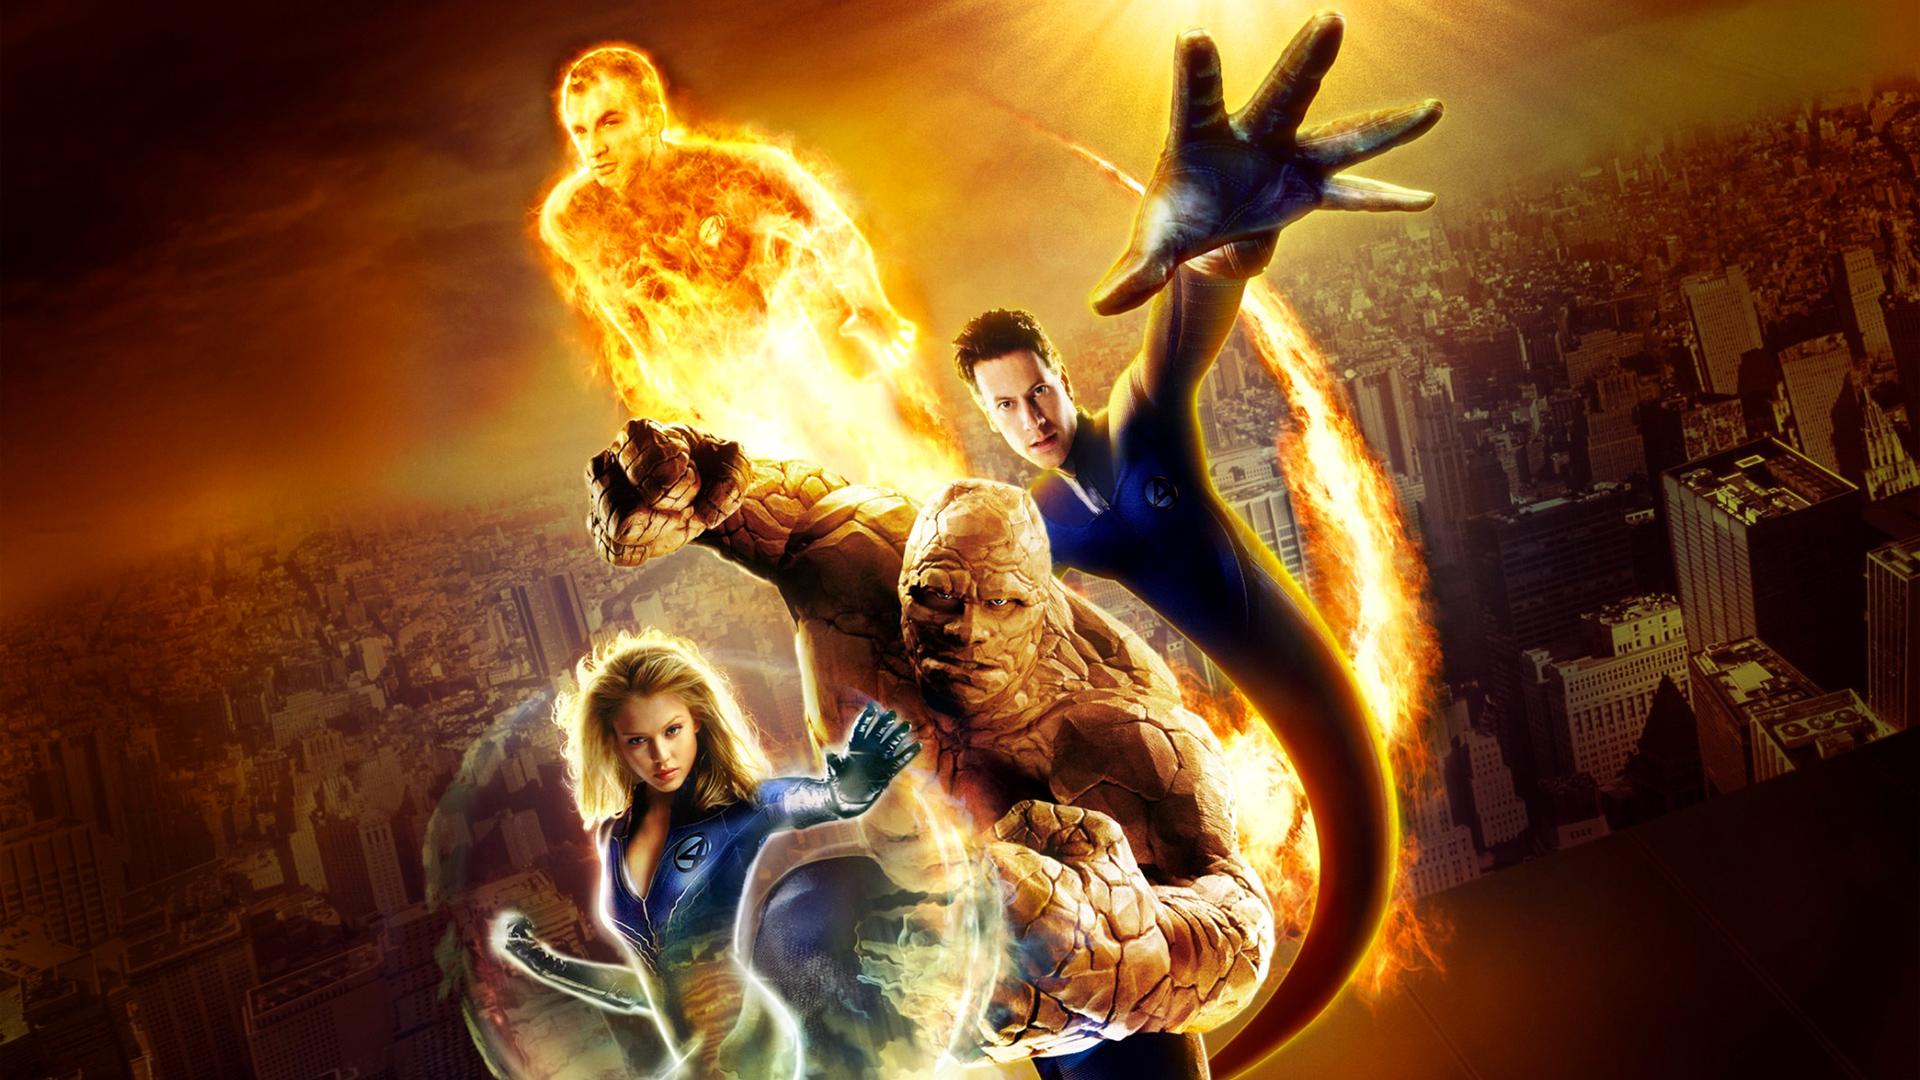 Fantastic Four (2005) HD Wallpaper HD Wallpaper